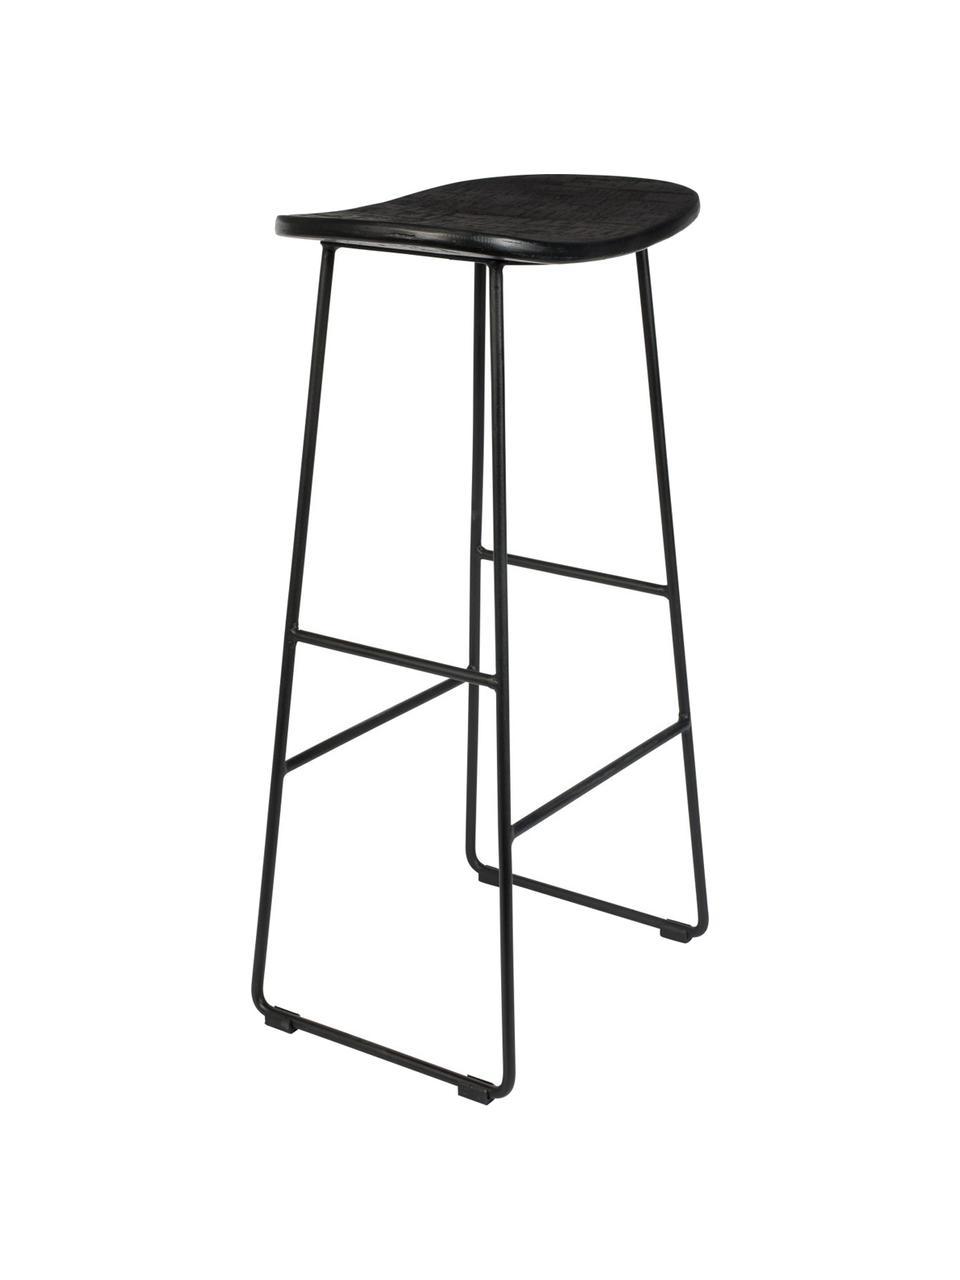 Barhocker Tangle in Schwarz, Sitzfläche: Recyceltes Teakholz, lack, Beine: Metall, pulverbeschichtet, Schwarz, B 40 x H 80 cm